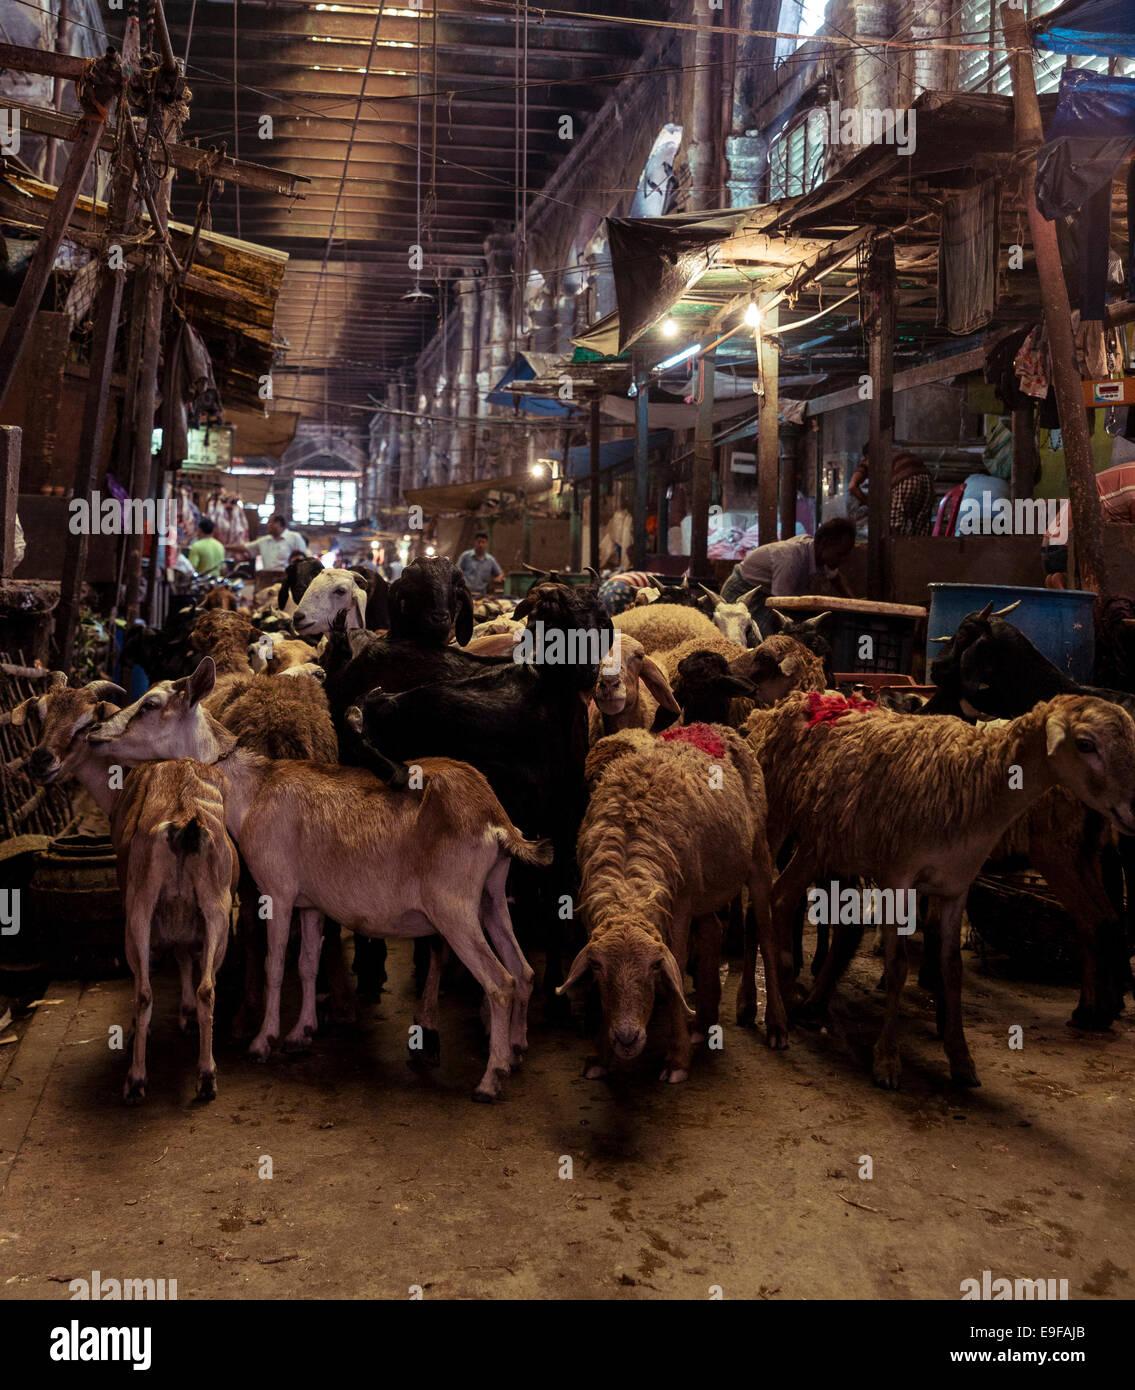 Moutons prêts à être tués dans un abattoir. Nouveau Marché, Kolkata, West Bengal, India Photo Stock